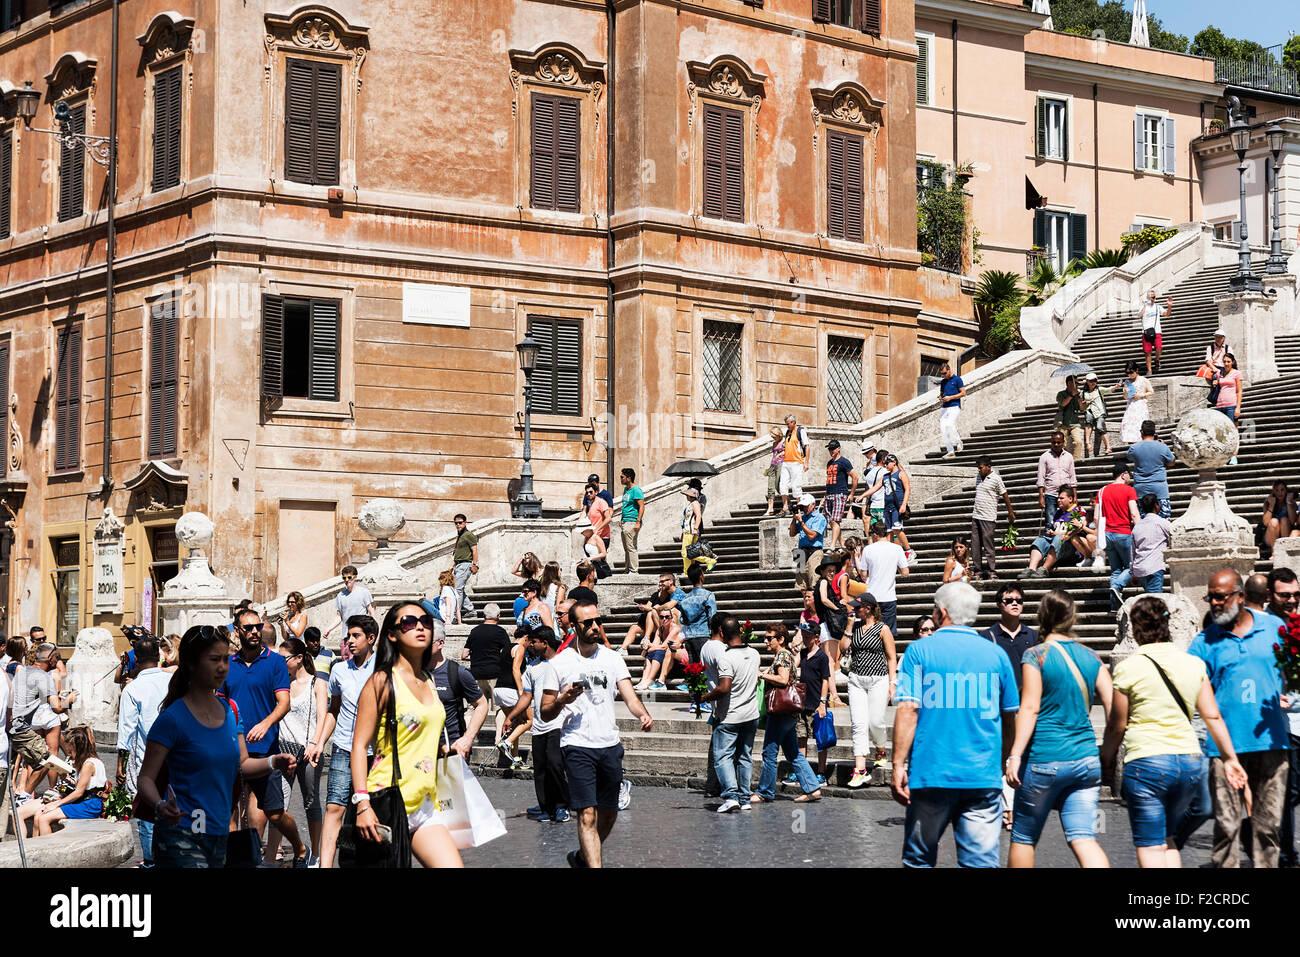 Die beliebte spanische Treppe Gegend zieht schwere Touristenmassen, Rom, Italien Stockbild